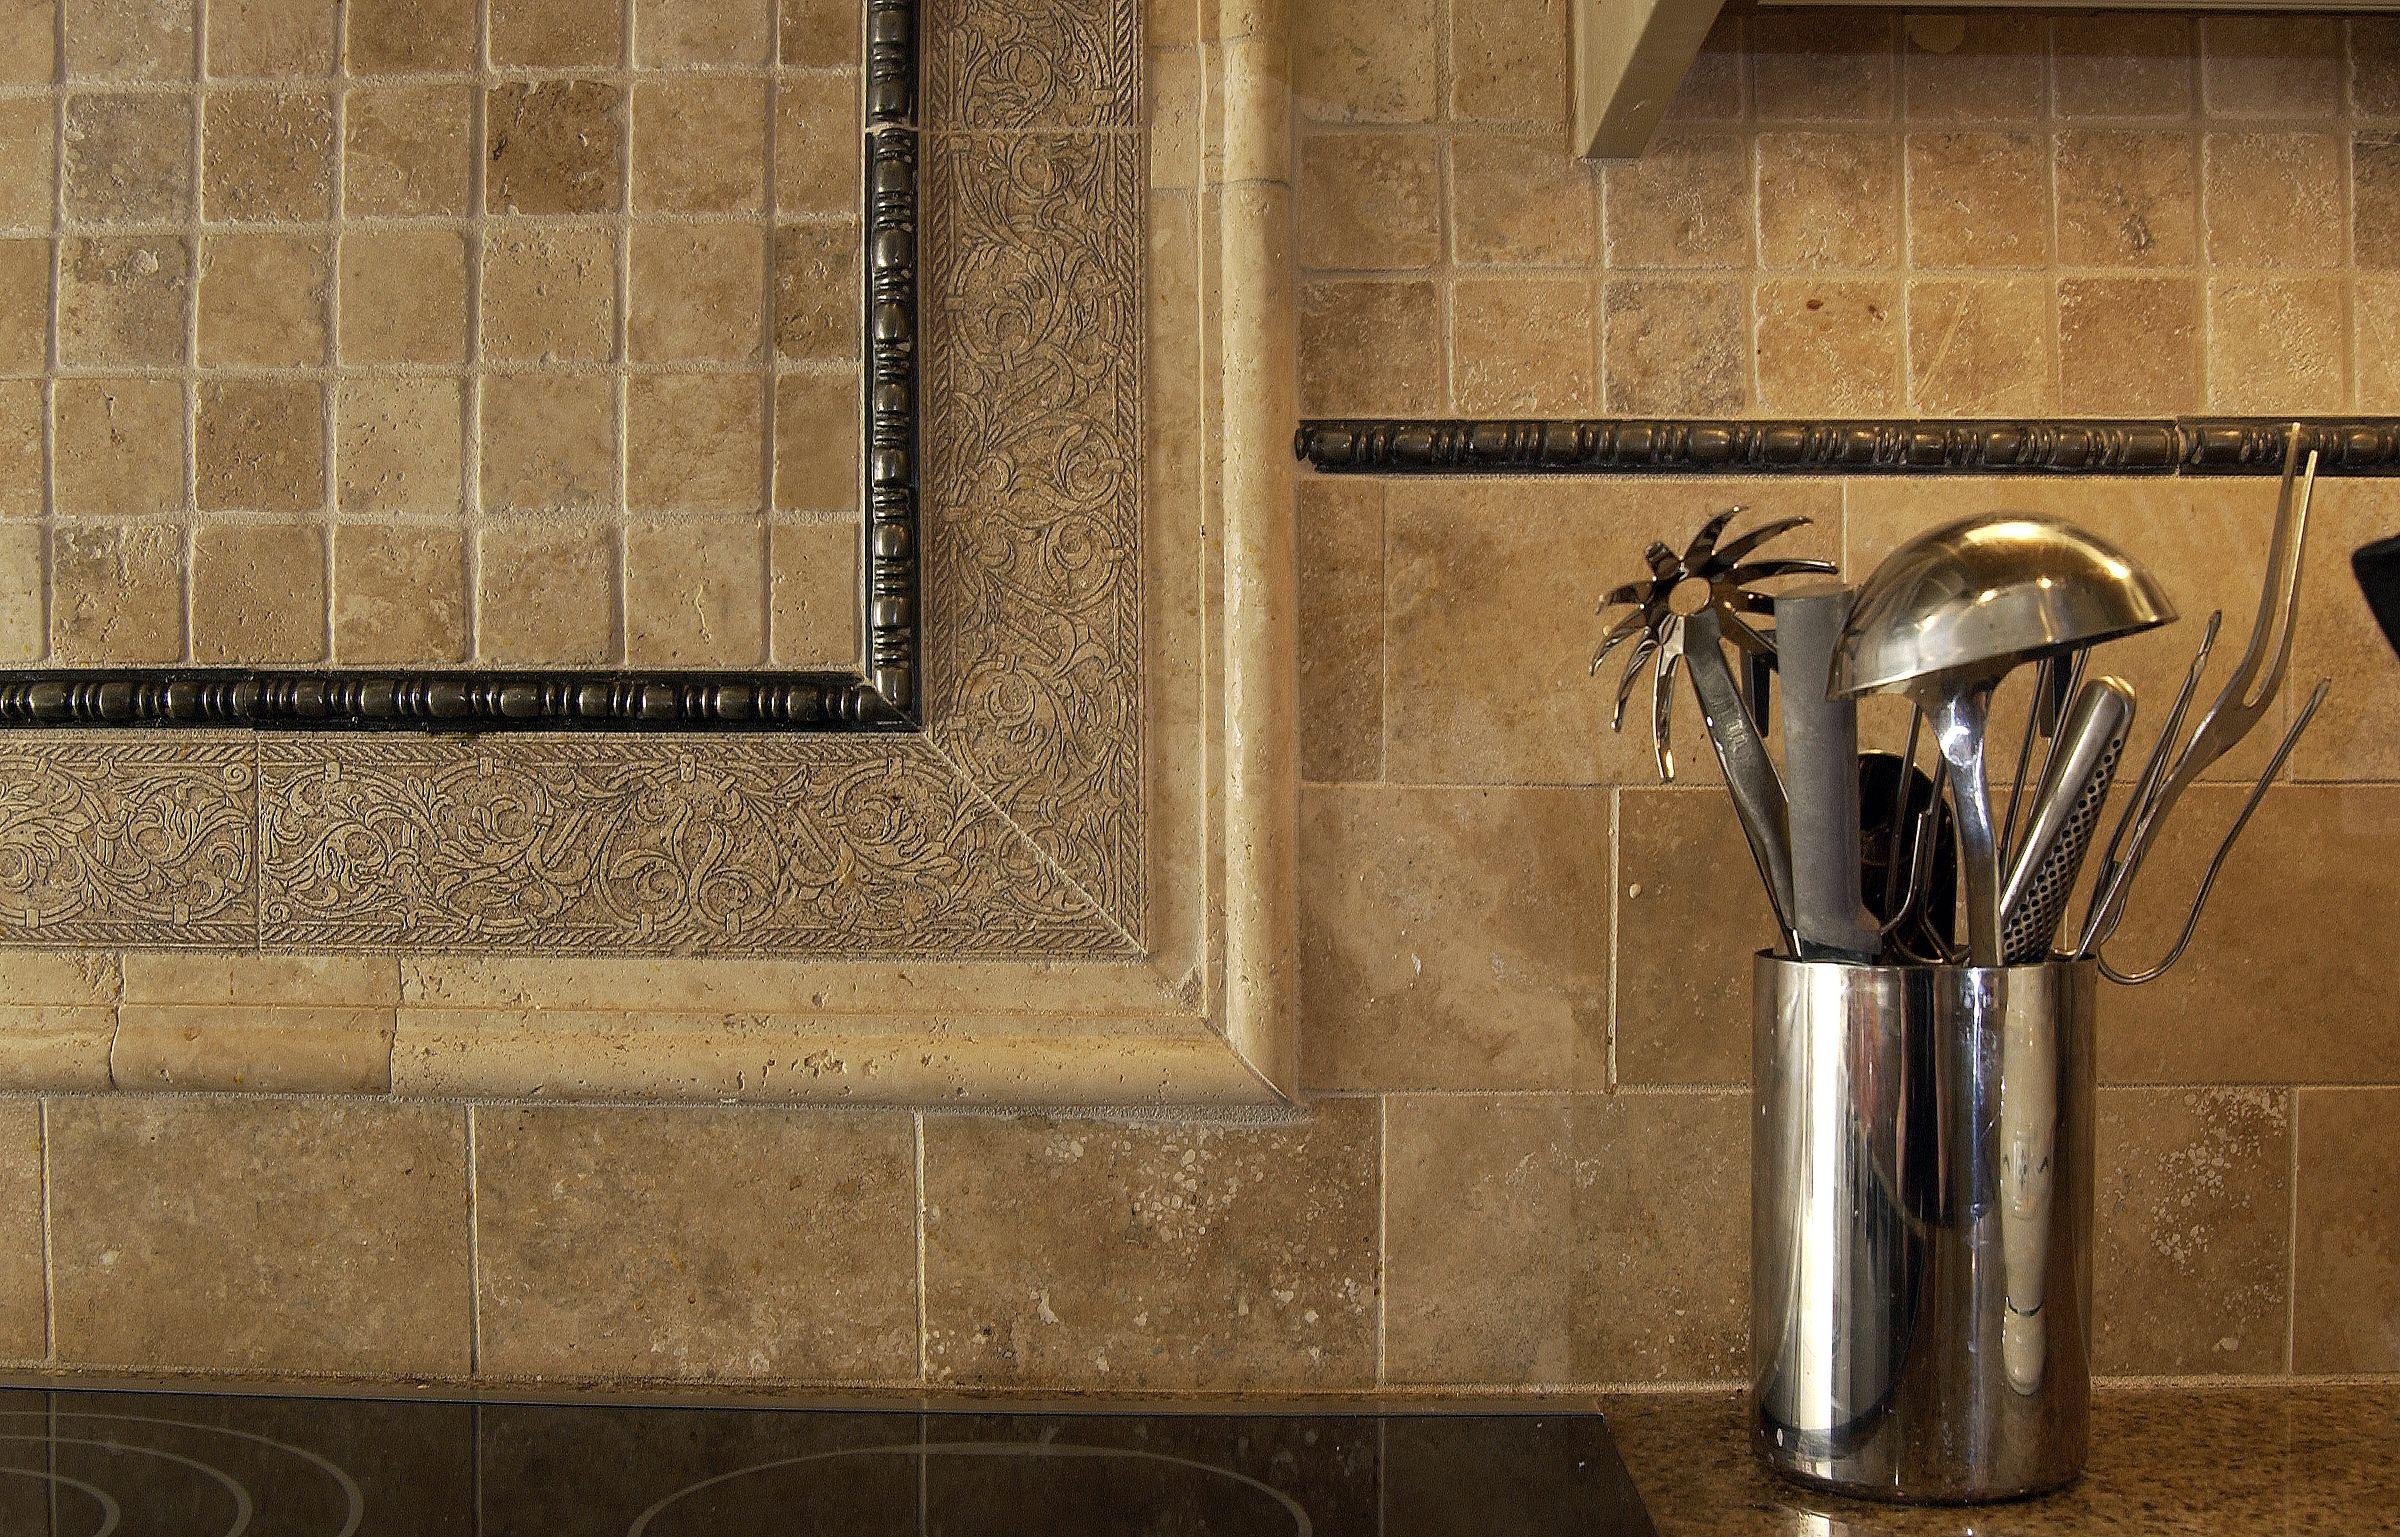 Best Images About Backsplash Design Using Stone Tile On - Kitchen backsplash design